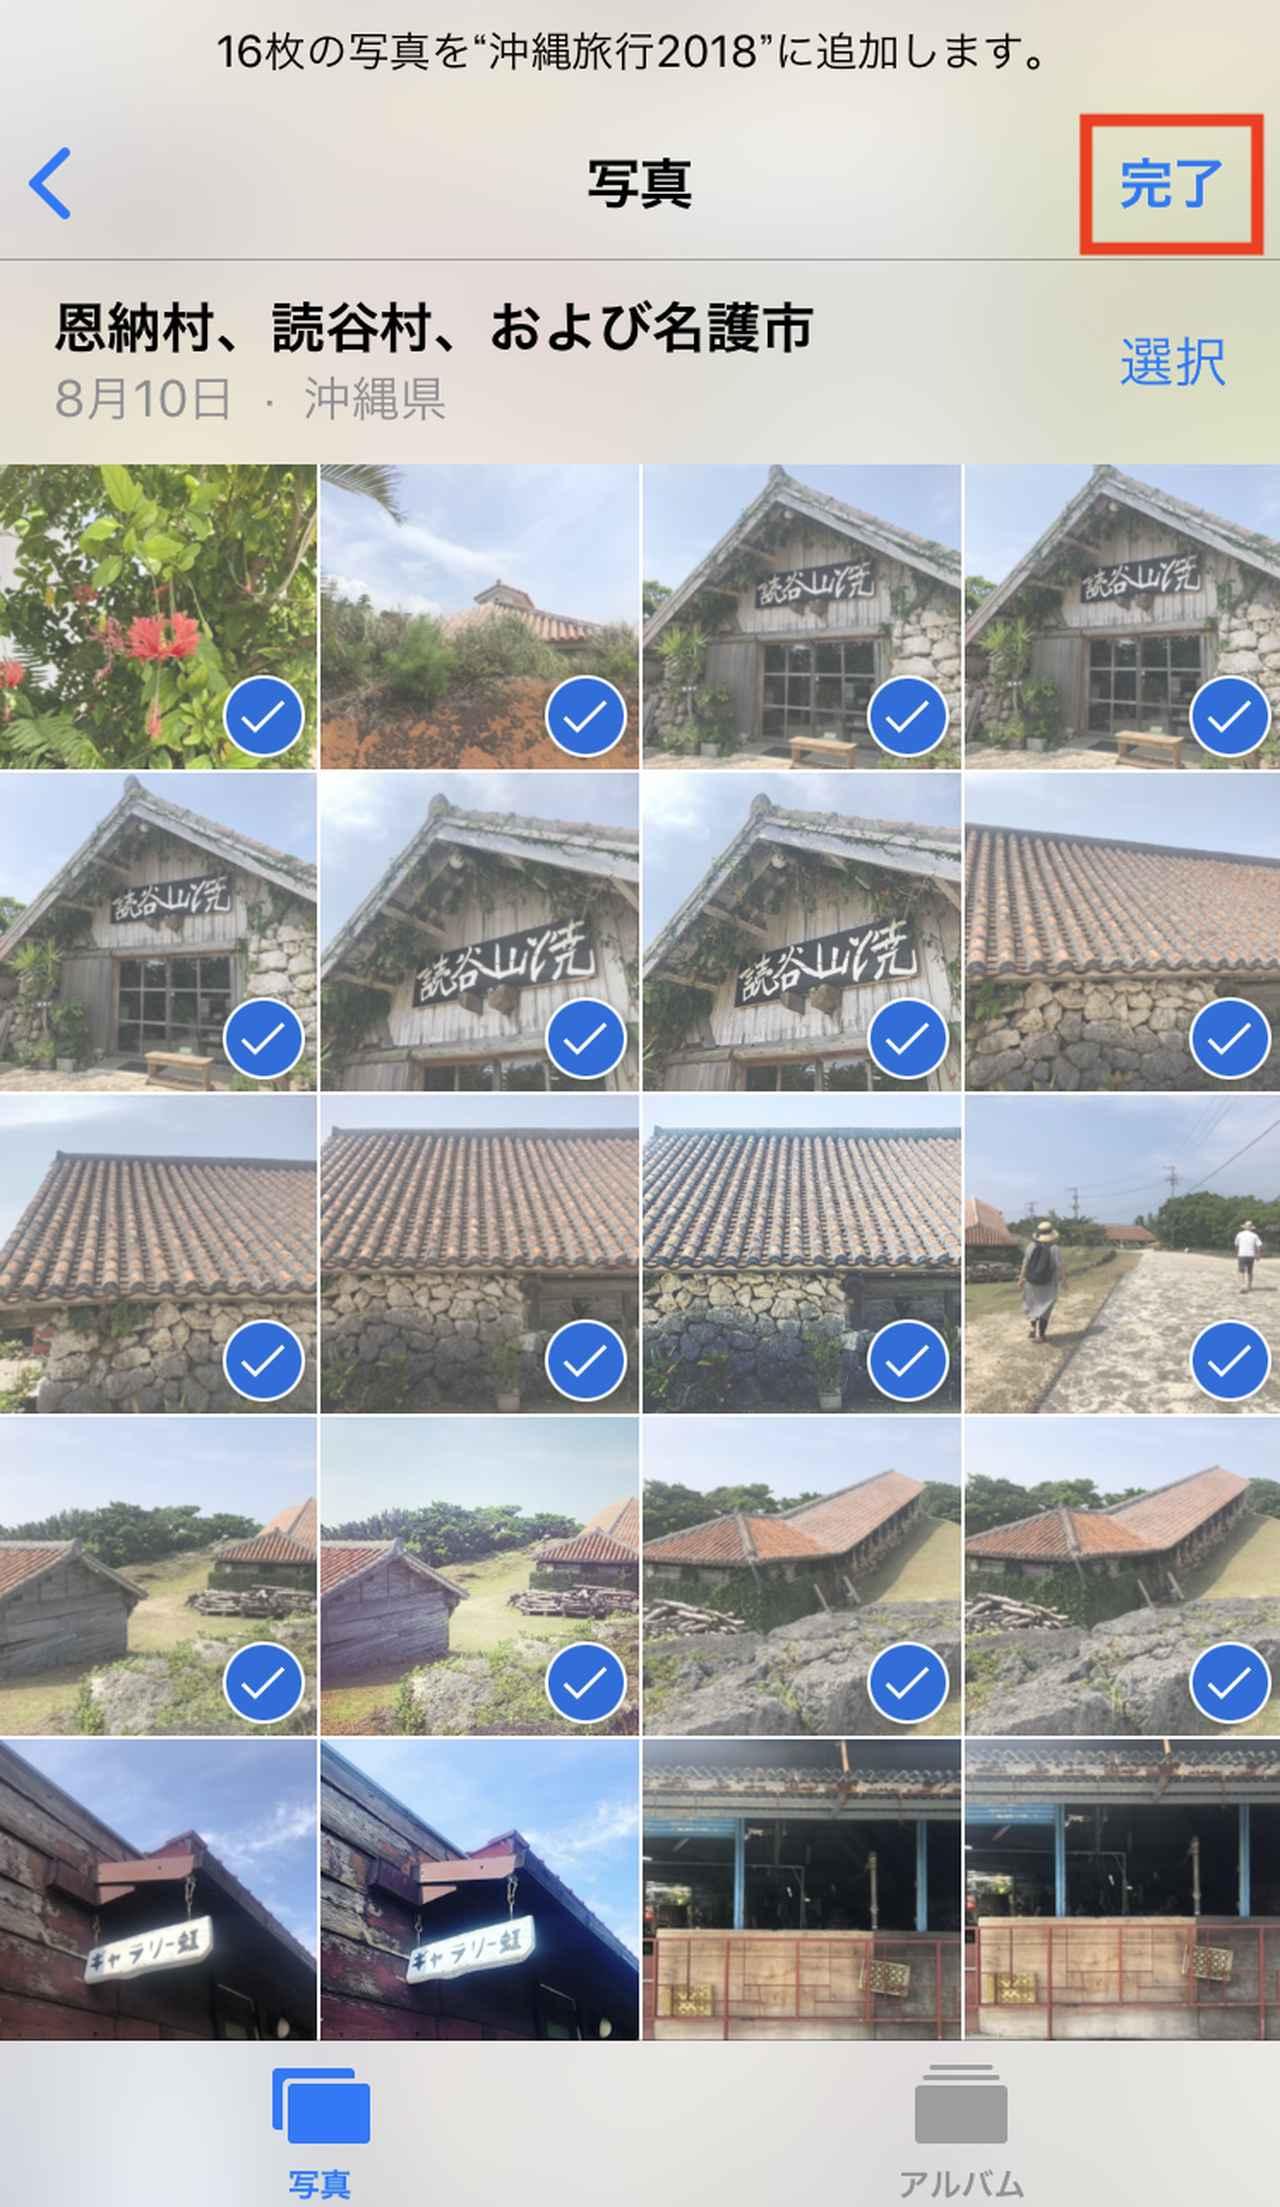 画像: 指で写真を1つずつ選択するか、指で複数の写真をなぞって選択して「完了」をタッチ。